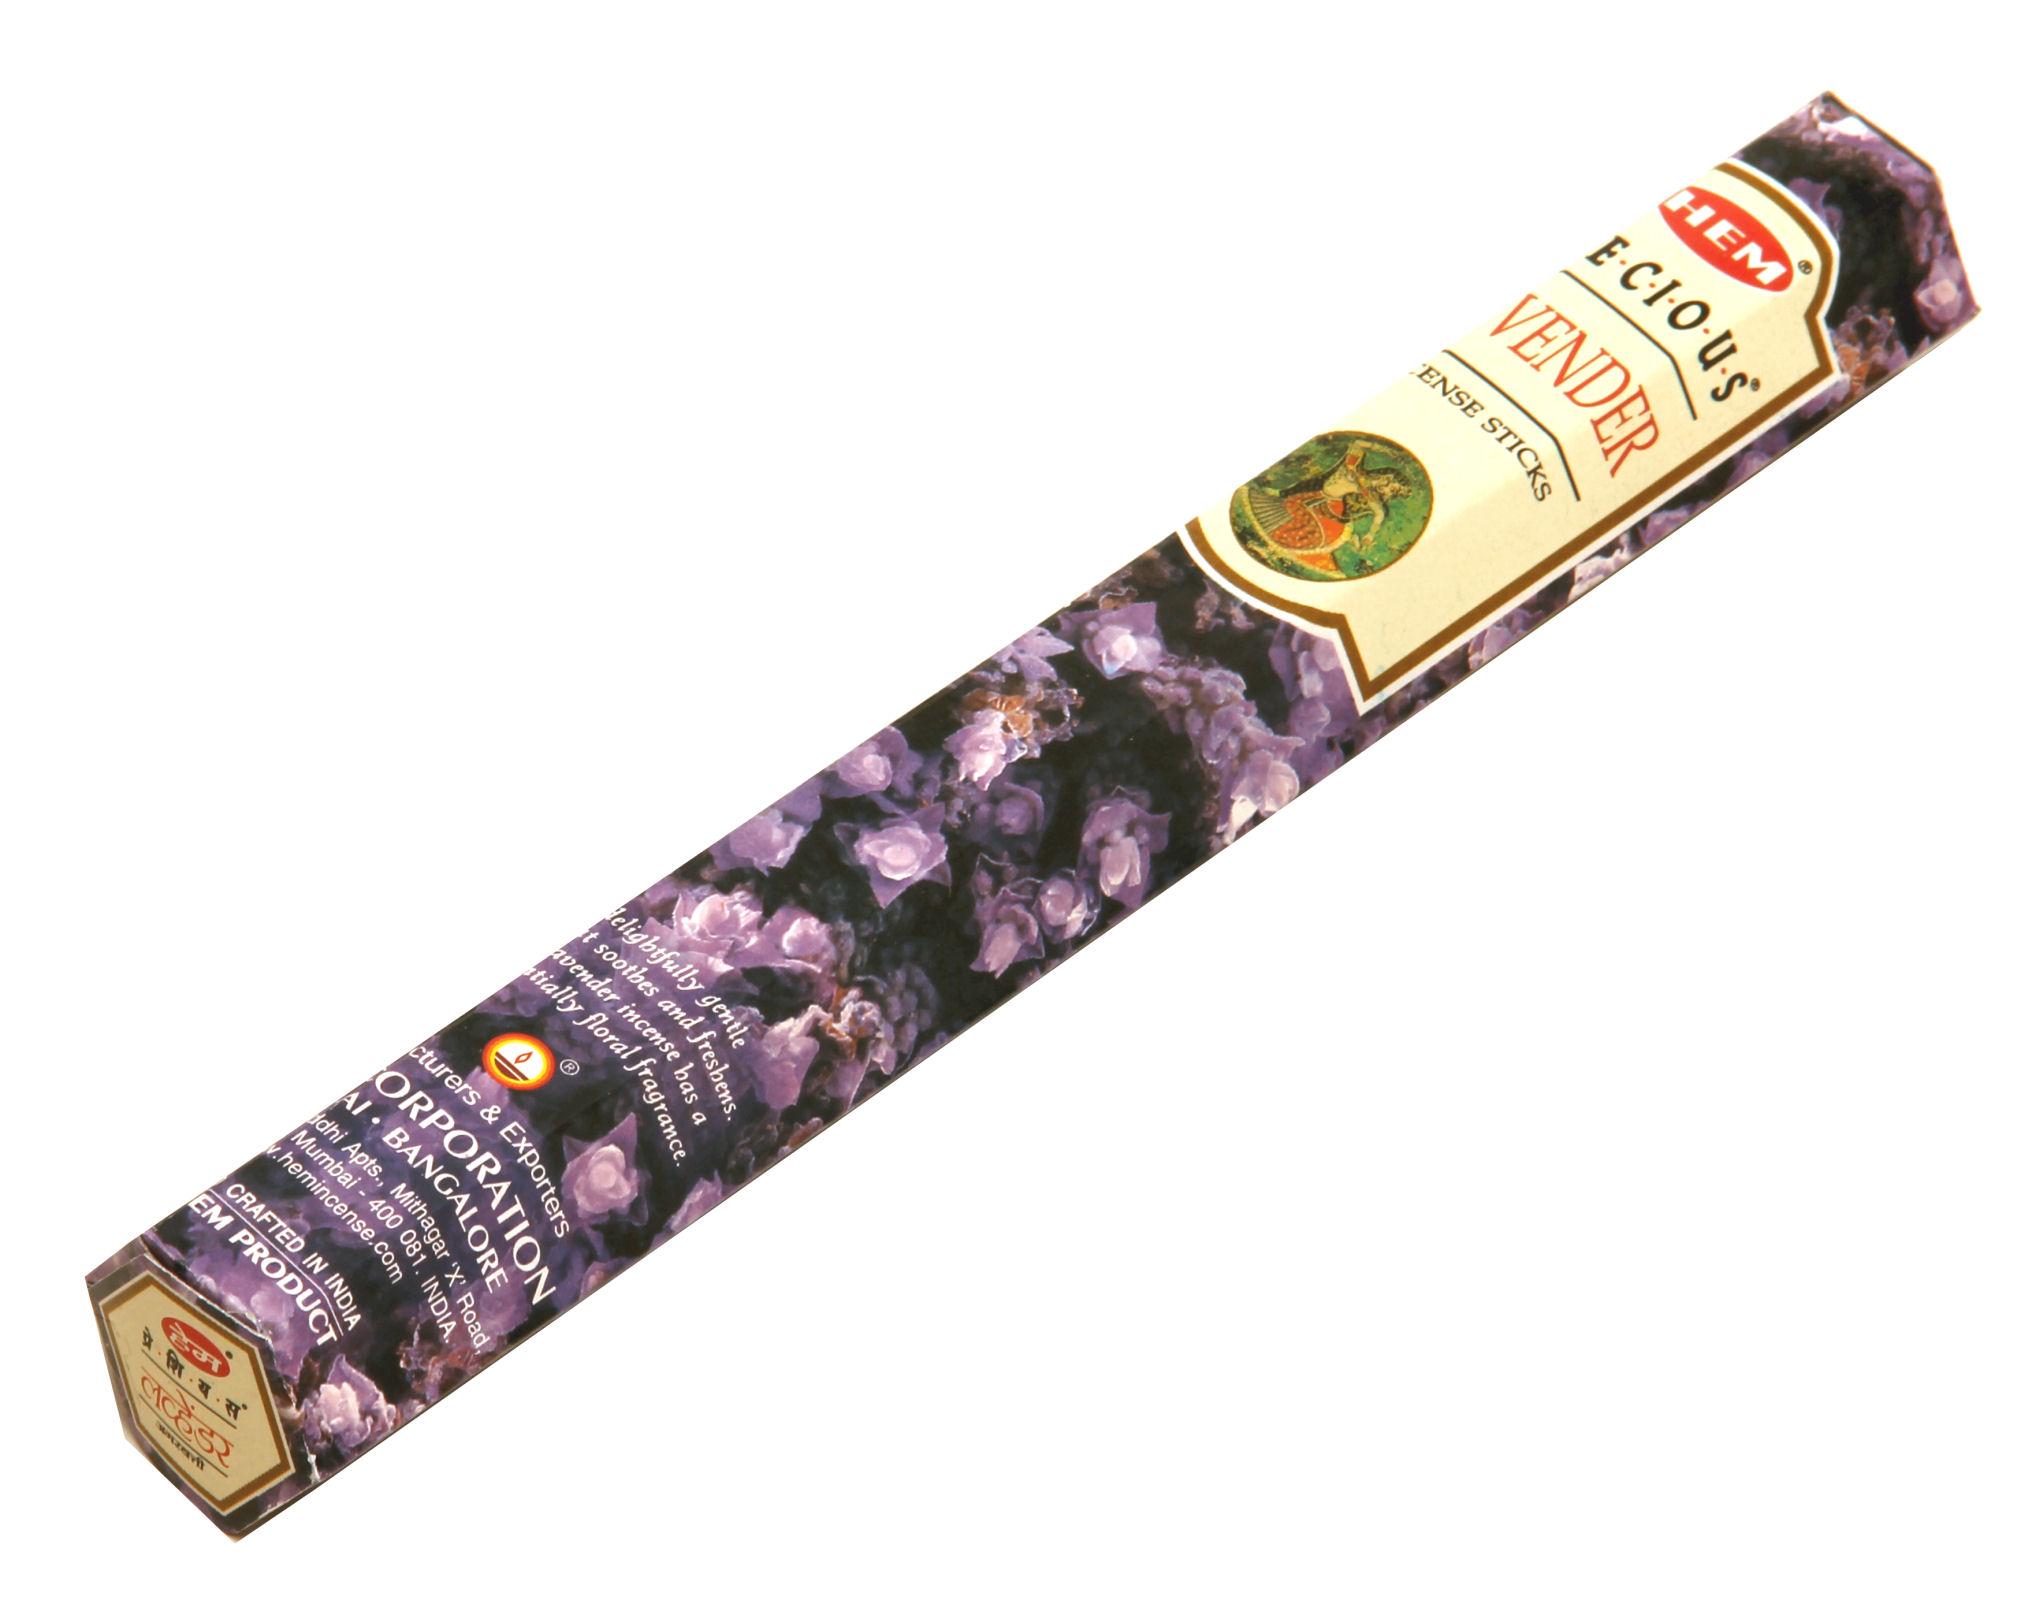 HEM Räucherstäbchen Lavendel 20g Hexa Packung  Ca. 20 Incence Sticks